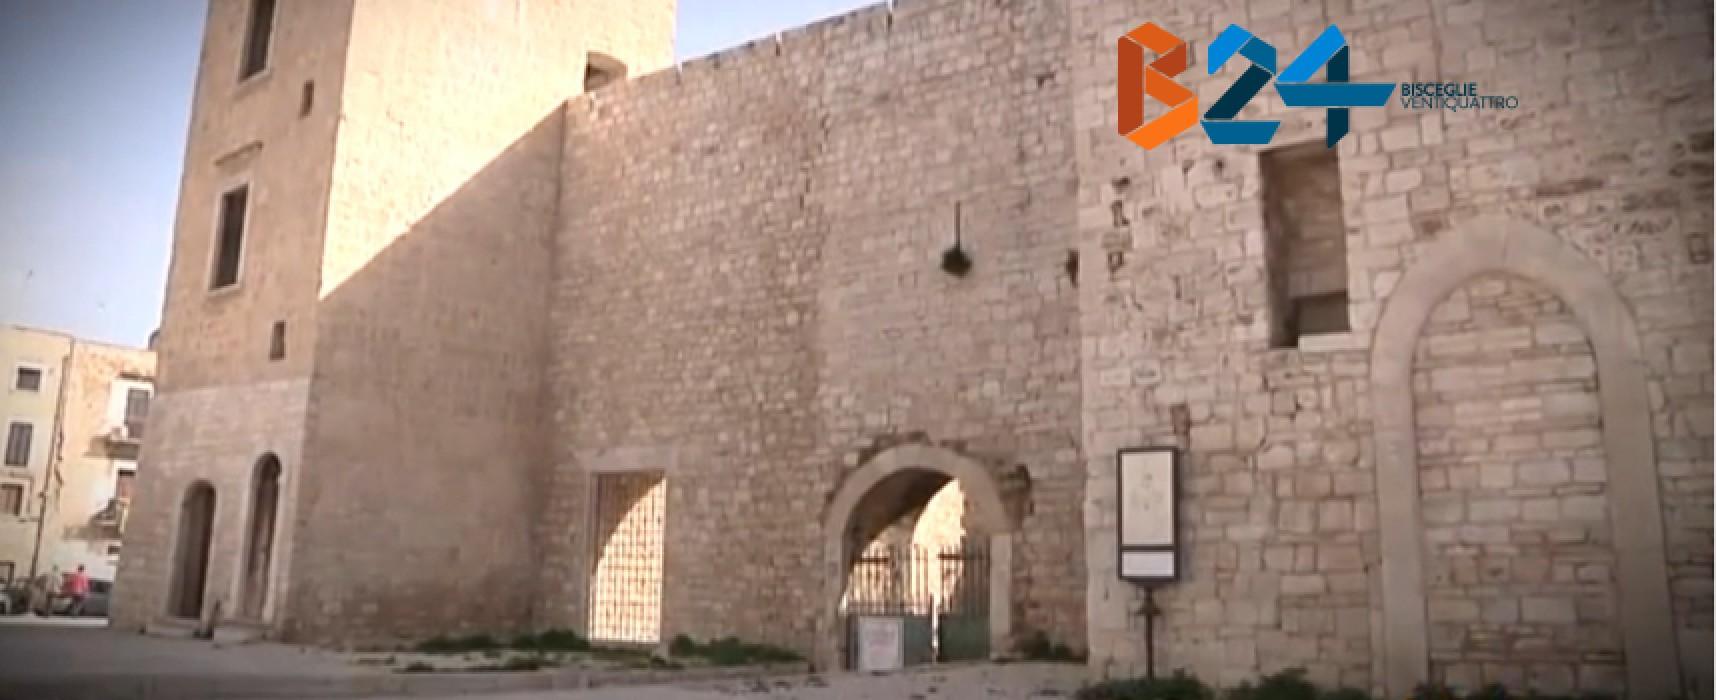 Castello Svevo, si rinnovano gli appuntamenti culturali del mese di giugno / PROGRAMMA